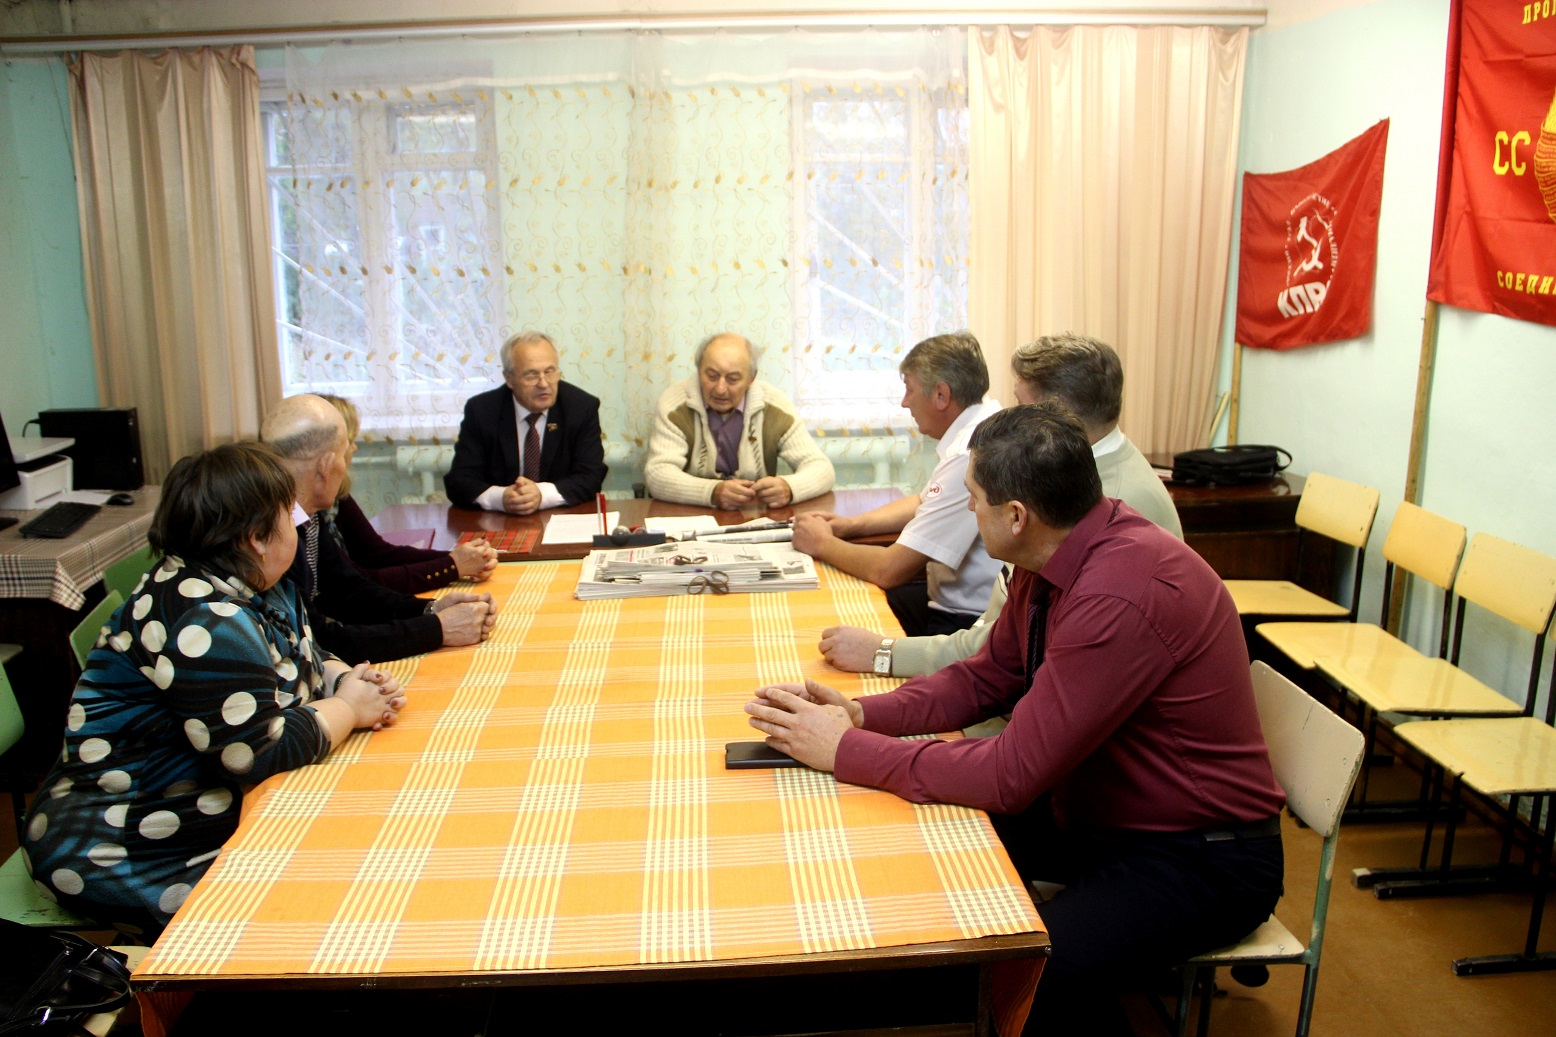 Депутаты-коммунисты Данилова провели заседание фракции